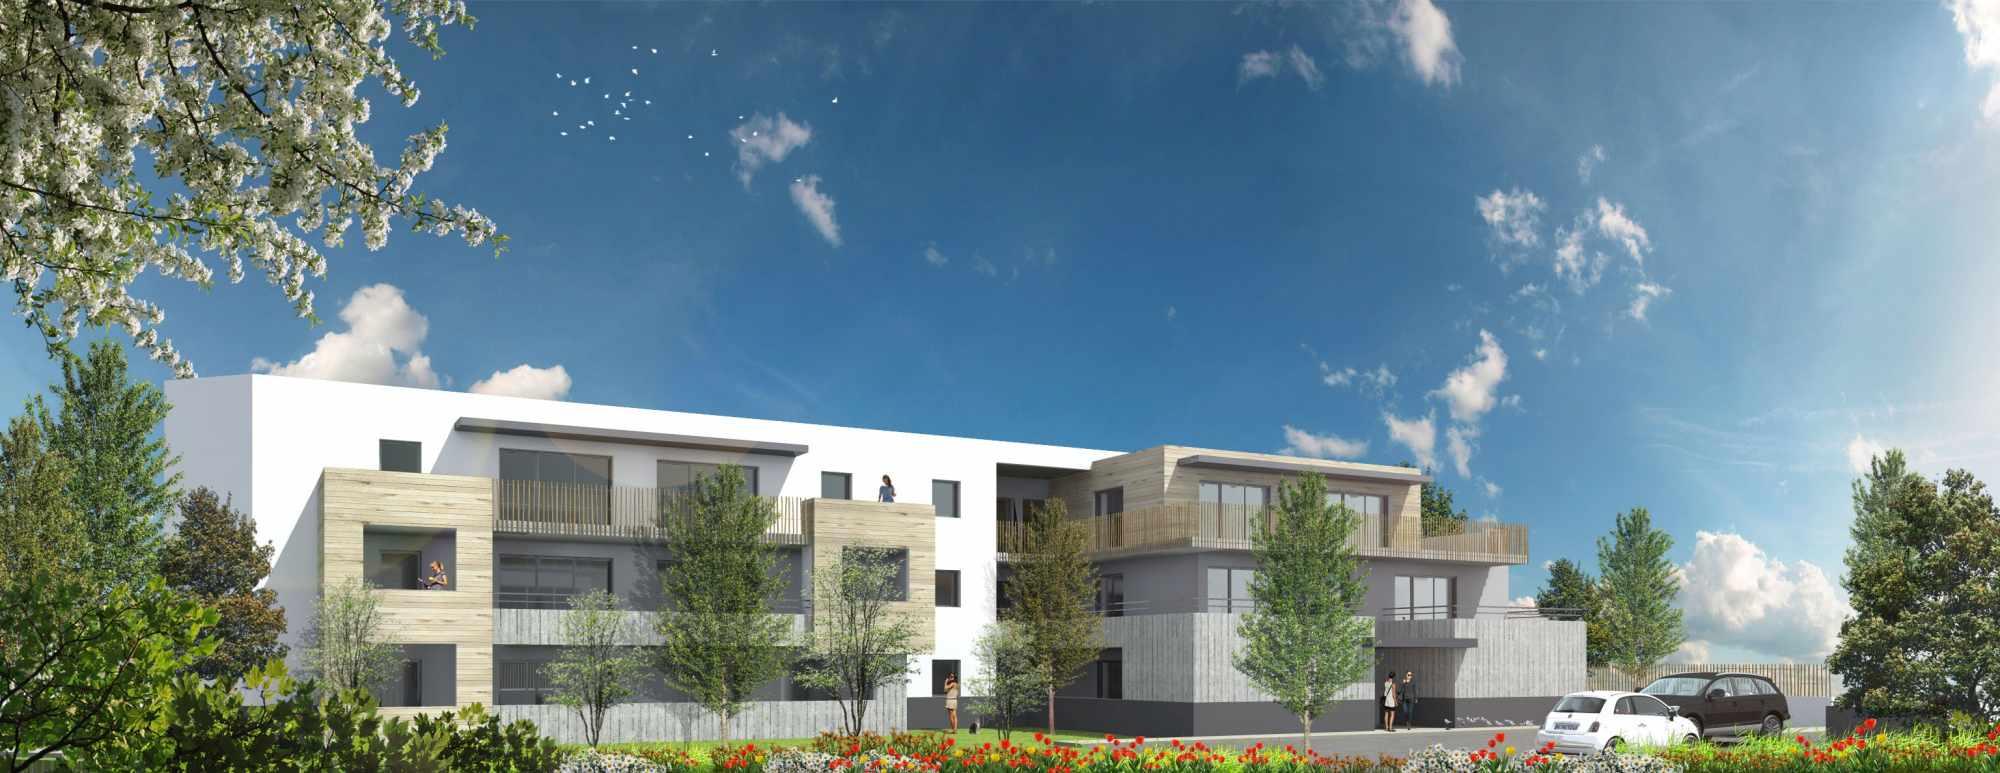 Promoteur immobilier Montpellier : des dépenses à éliminer